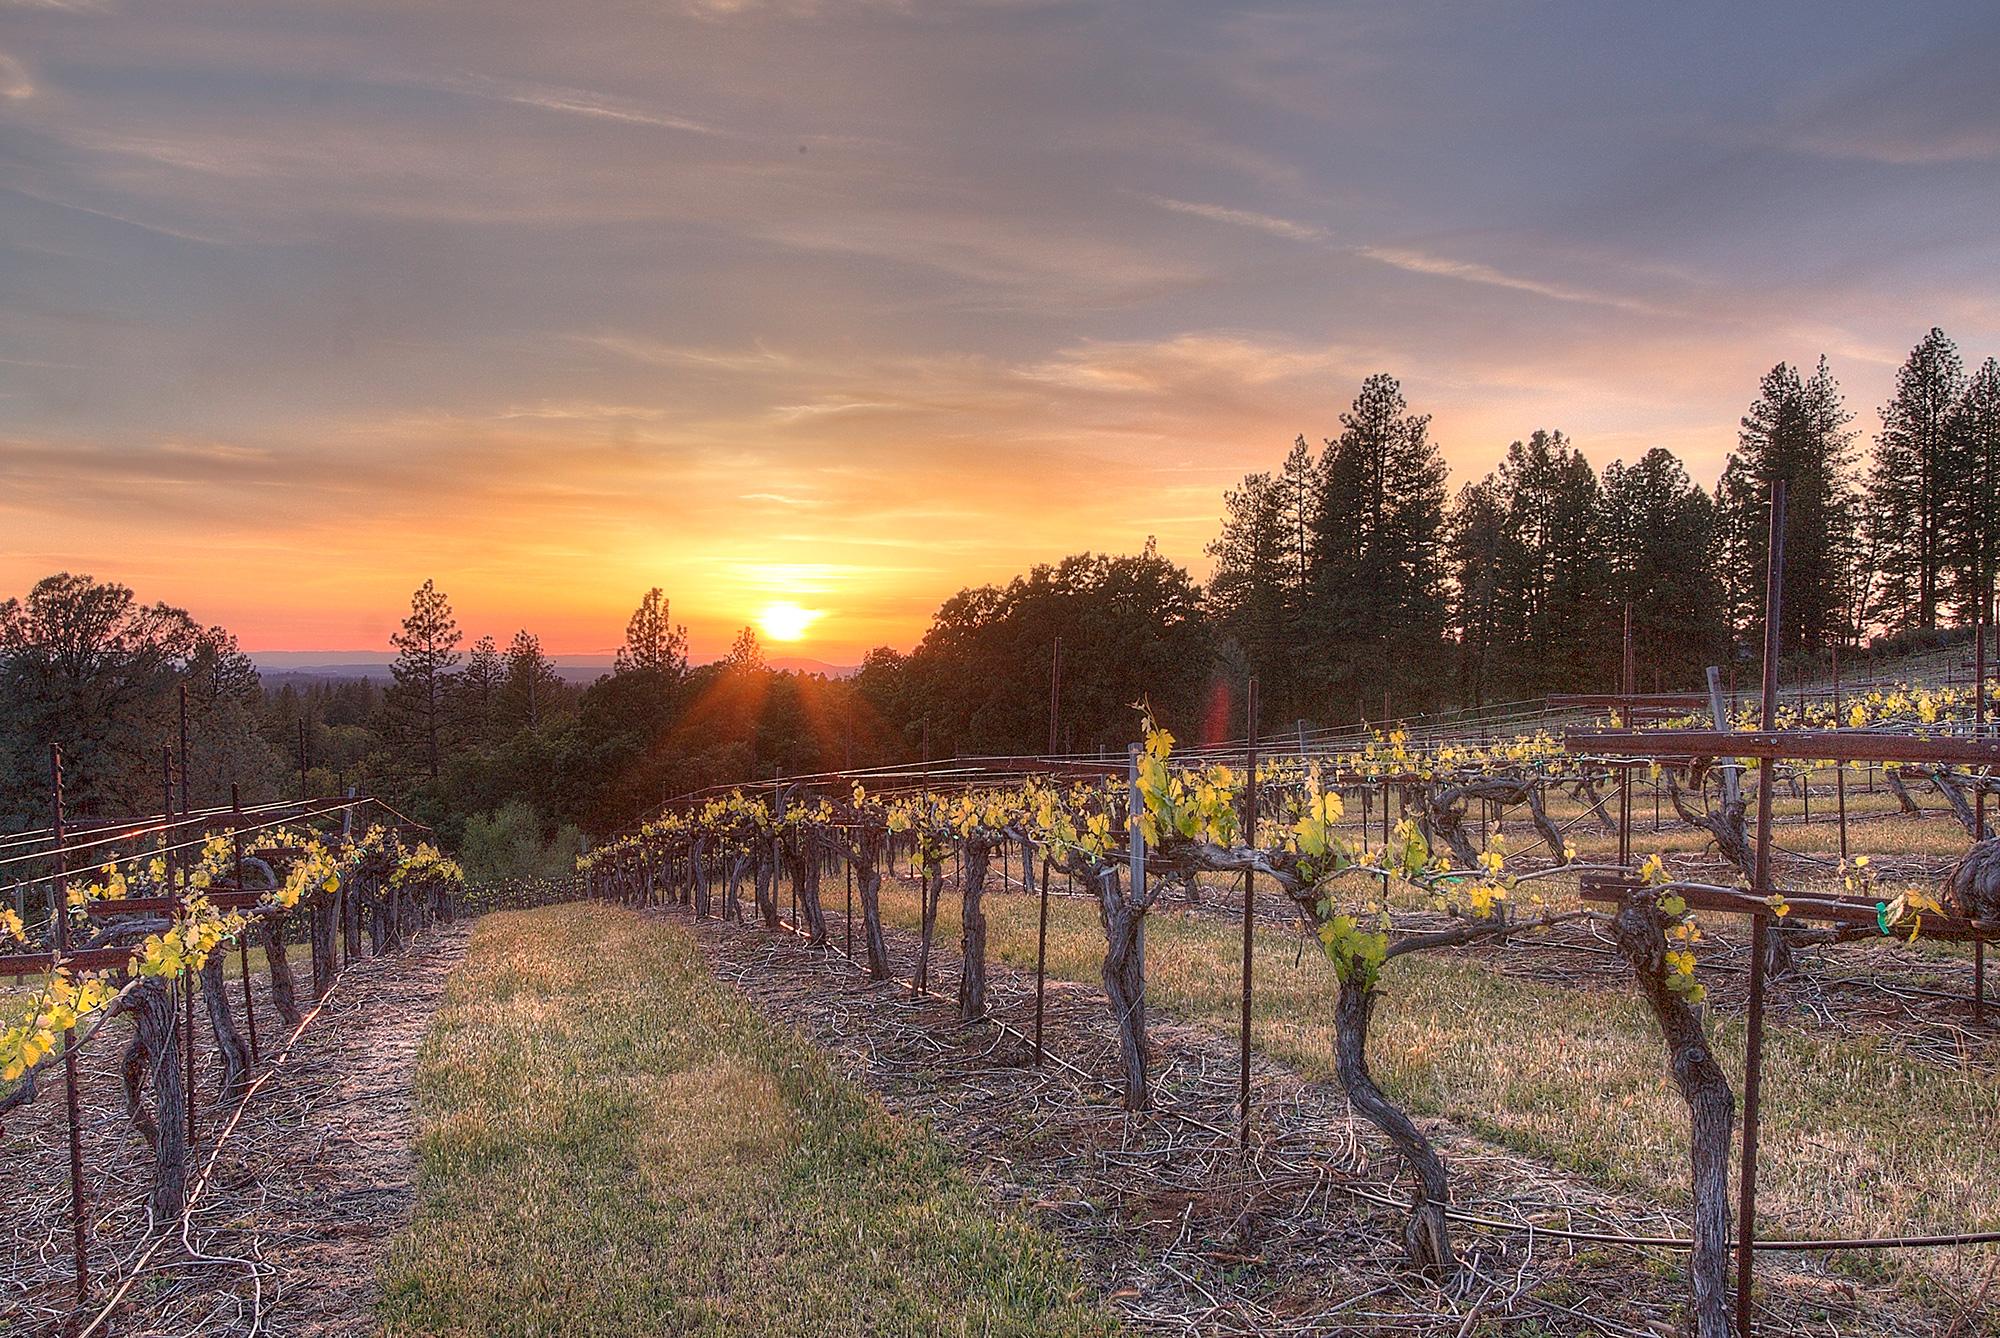 Premium Sierra Foothills Estate Vineyard & Winery - Vintroux